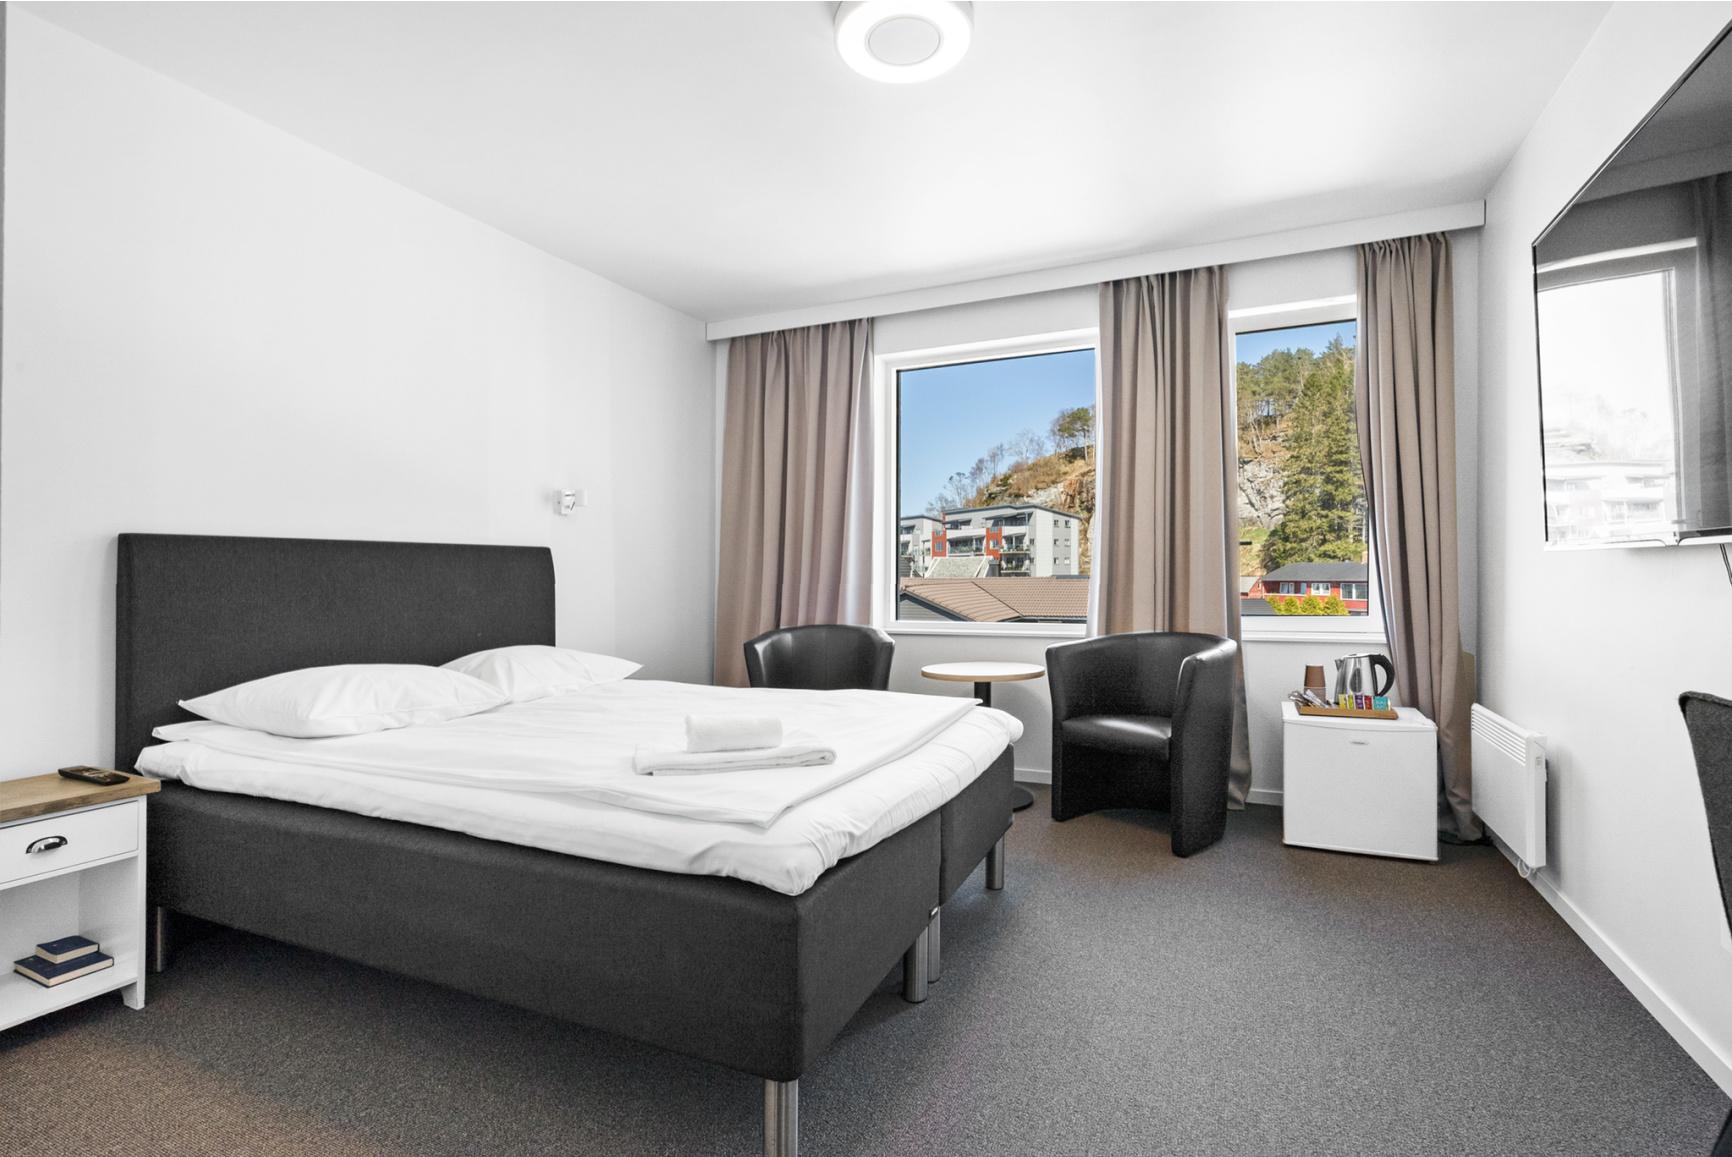 Hotellrom Deluxe - Kinn hotell